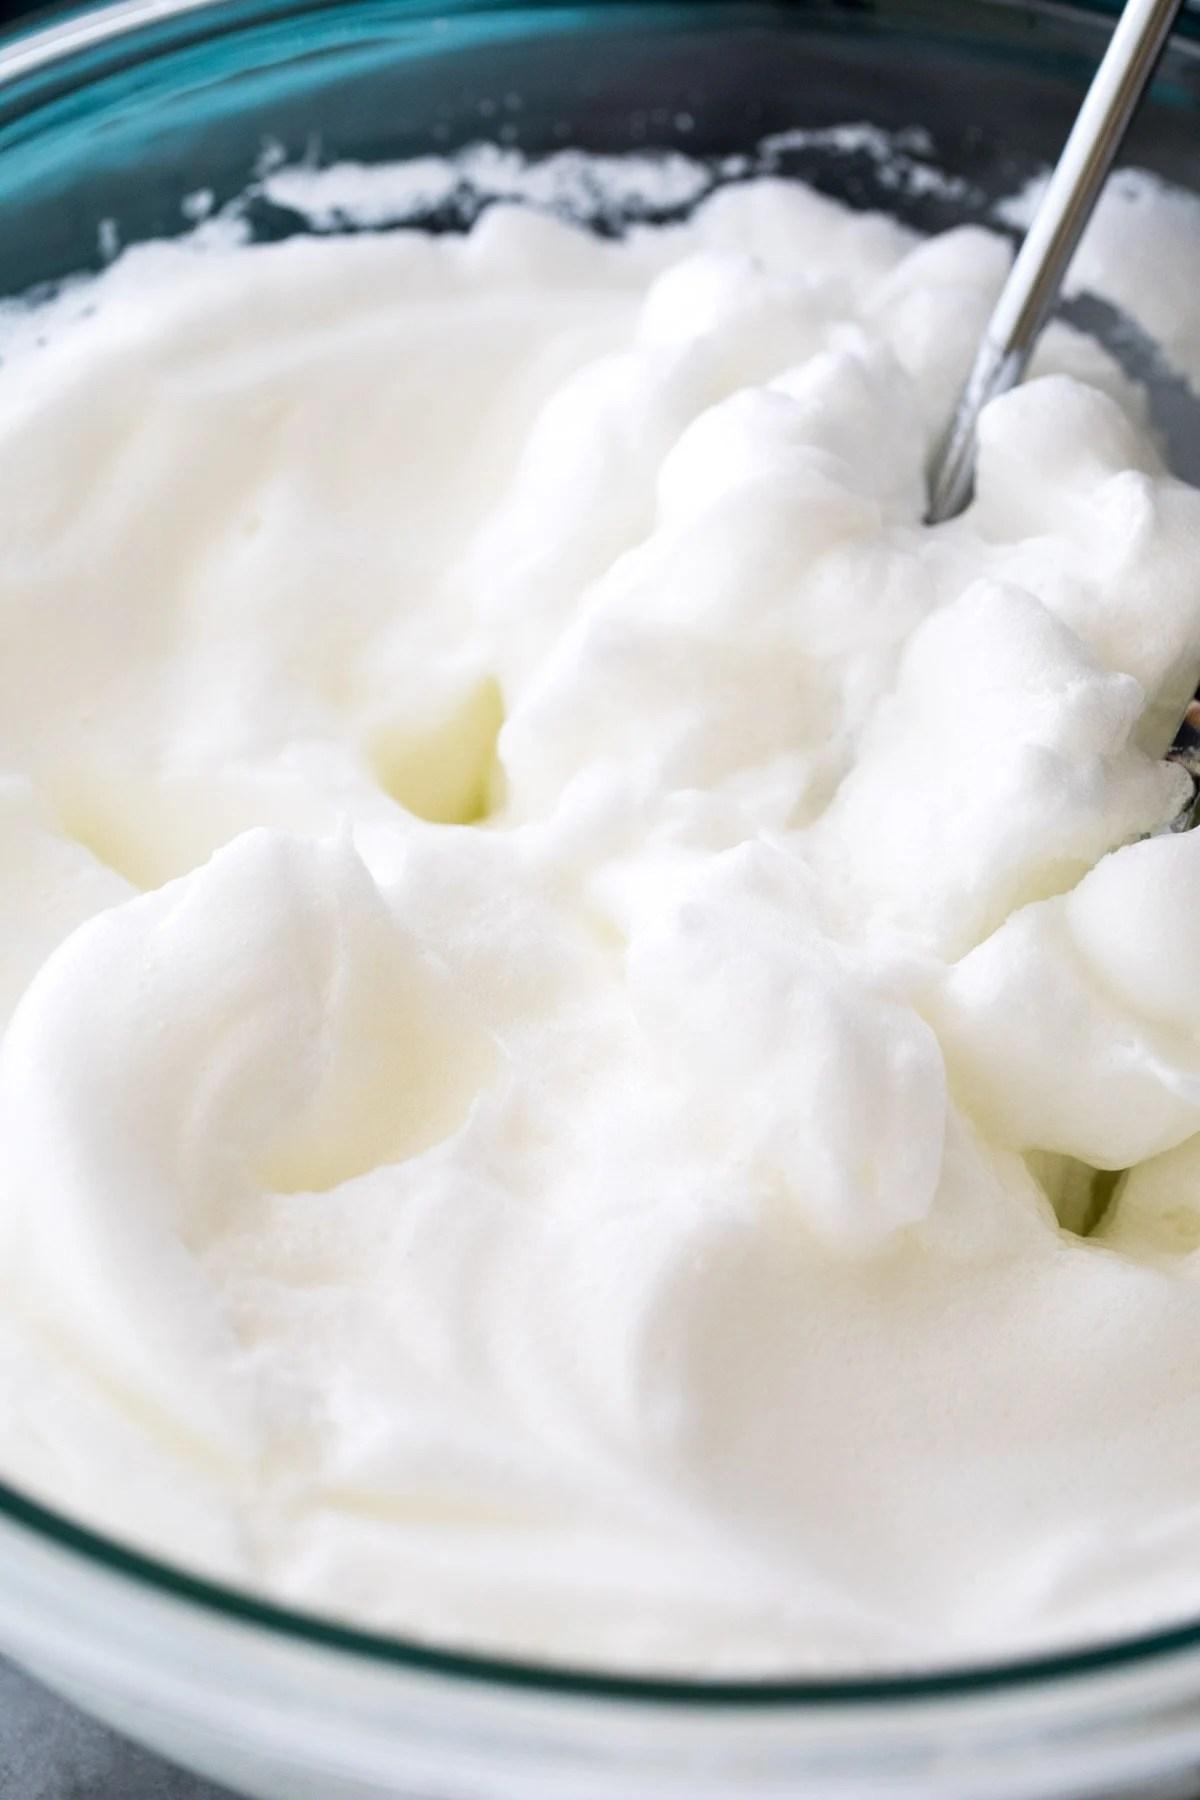 whipped egg whites